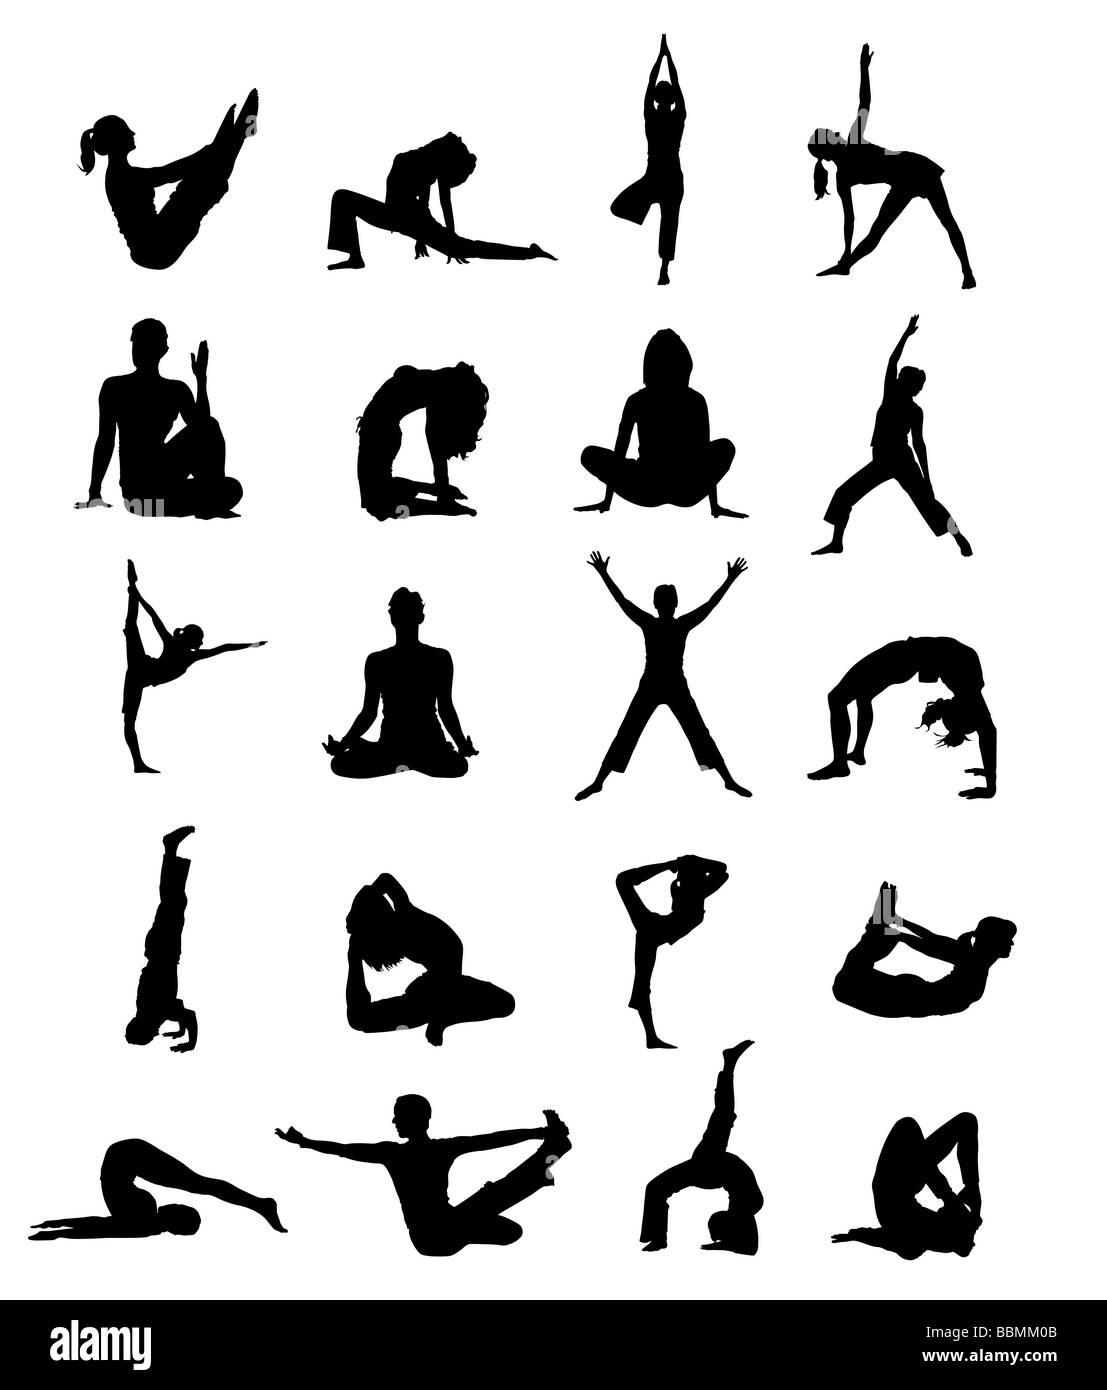 Grafik Illustration Silhouette Menschen Joga Fitnessstudio sport Stockbild